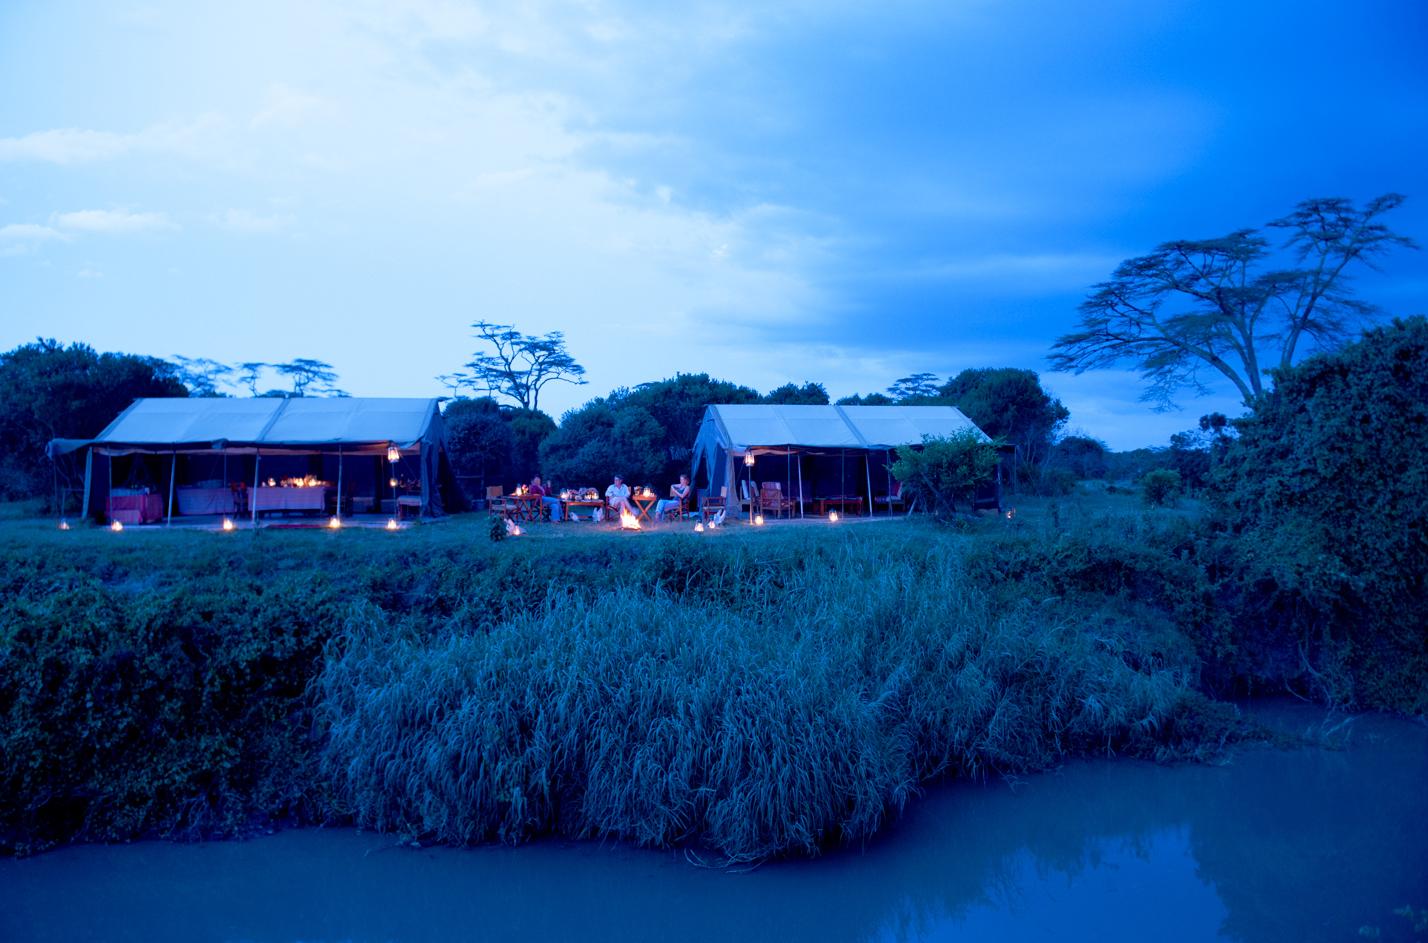 OlPejeta-mess-tent-exterior-2-Kenya-Safari